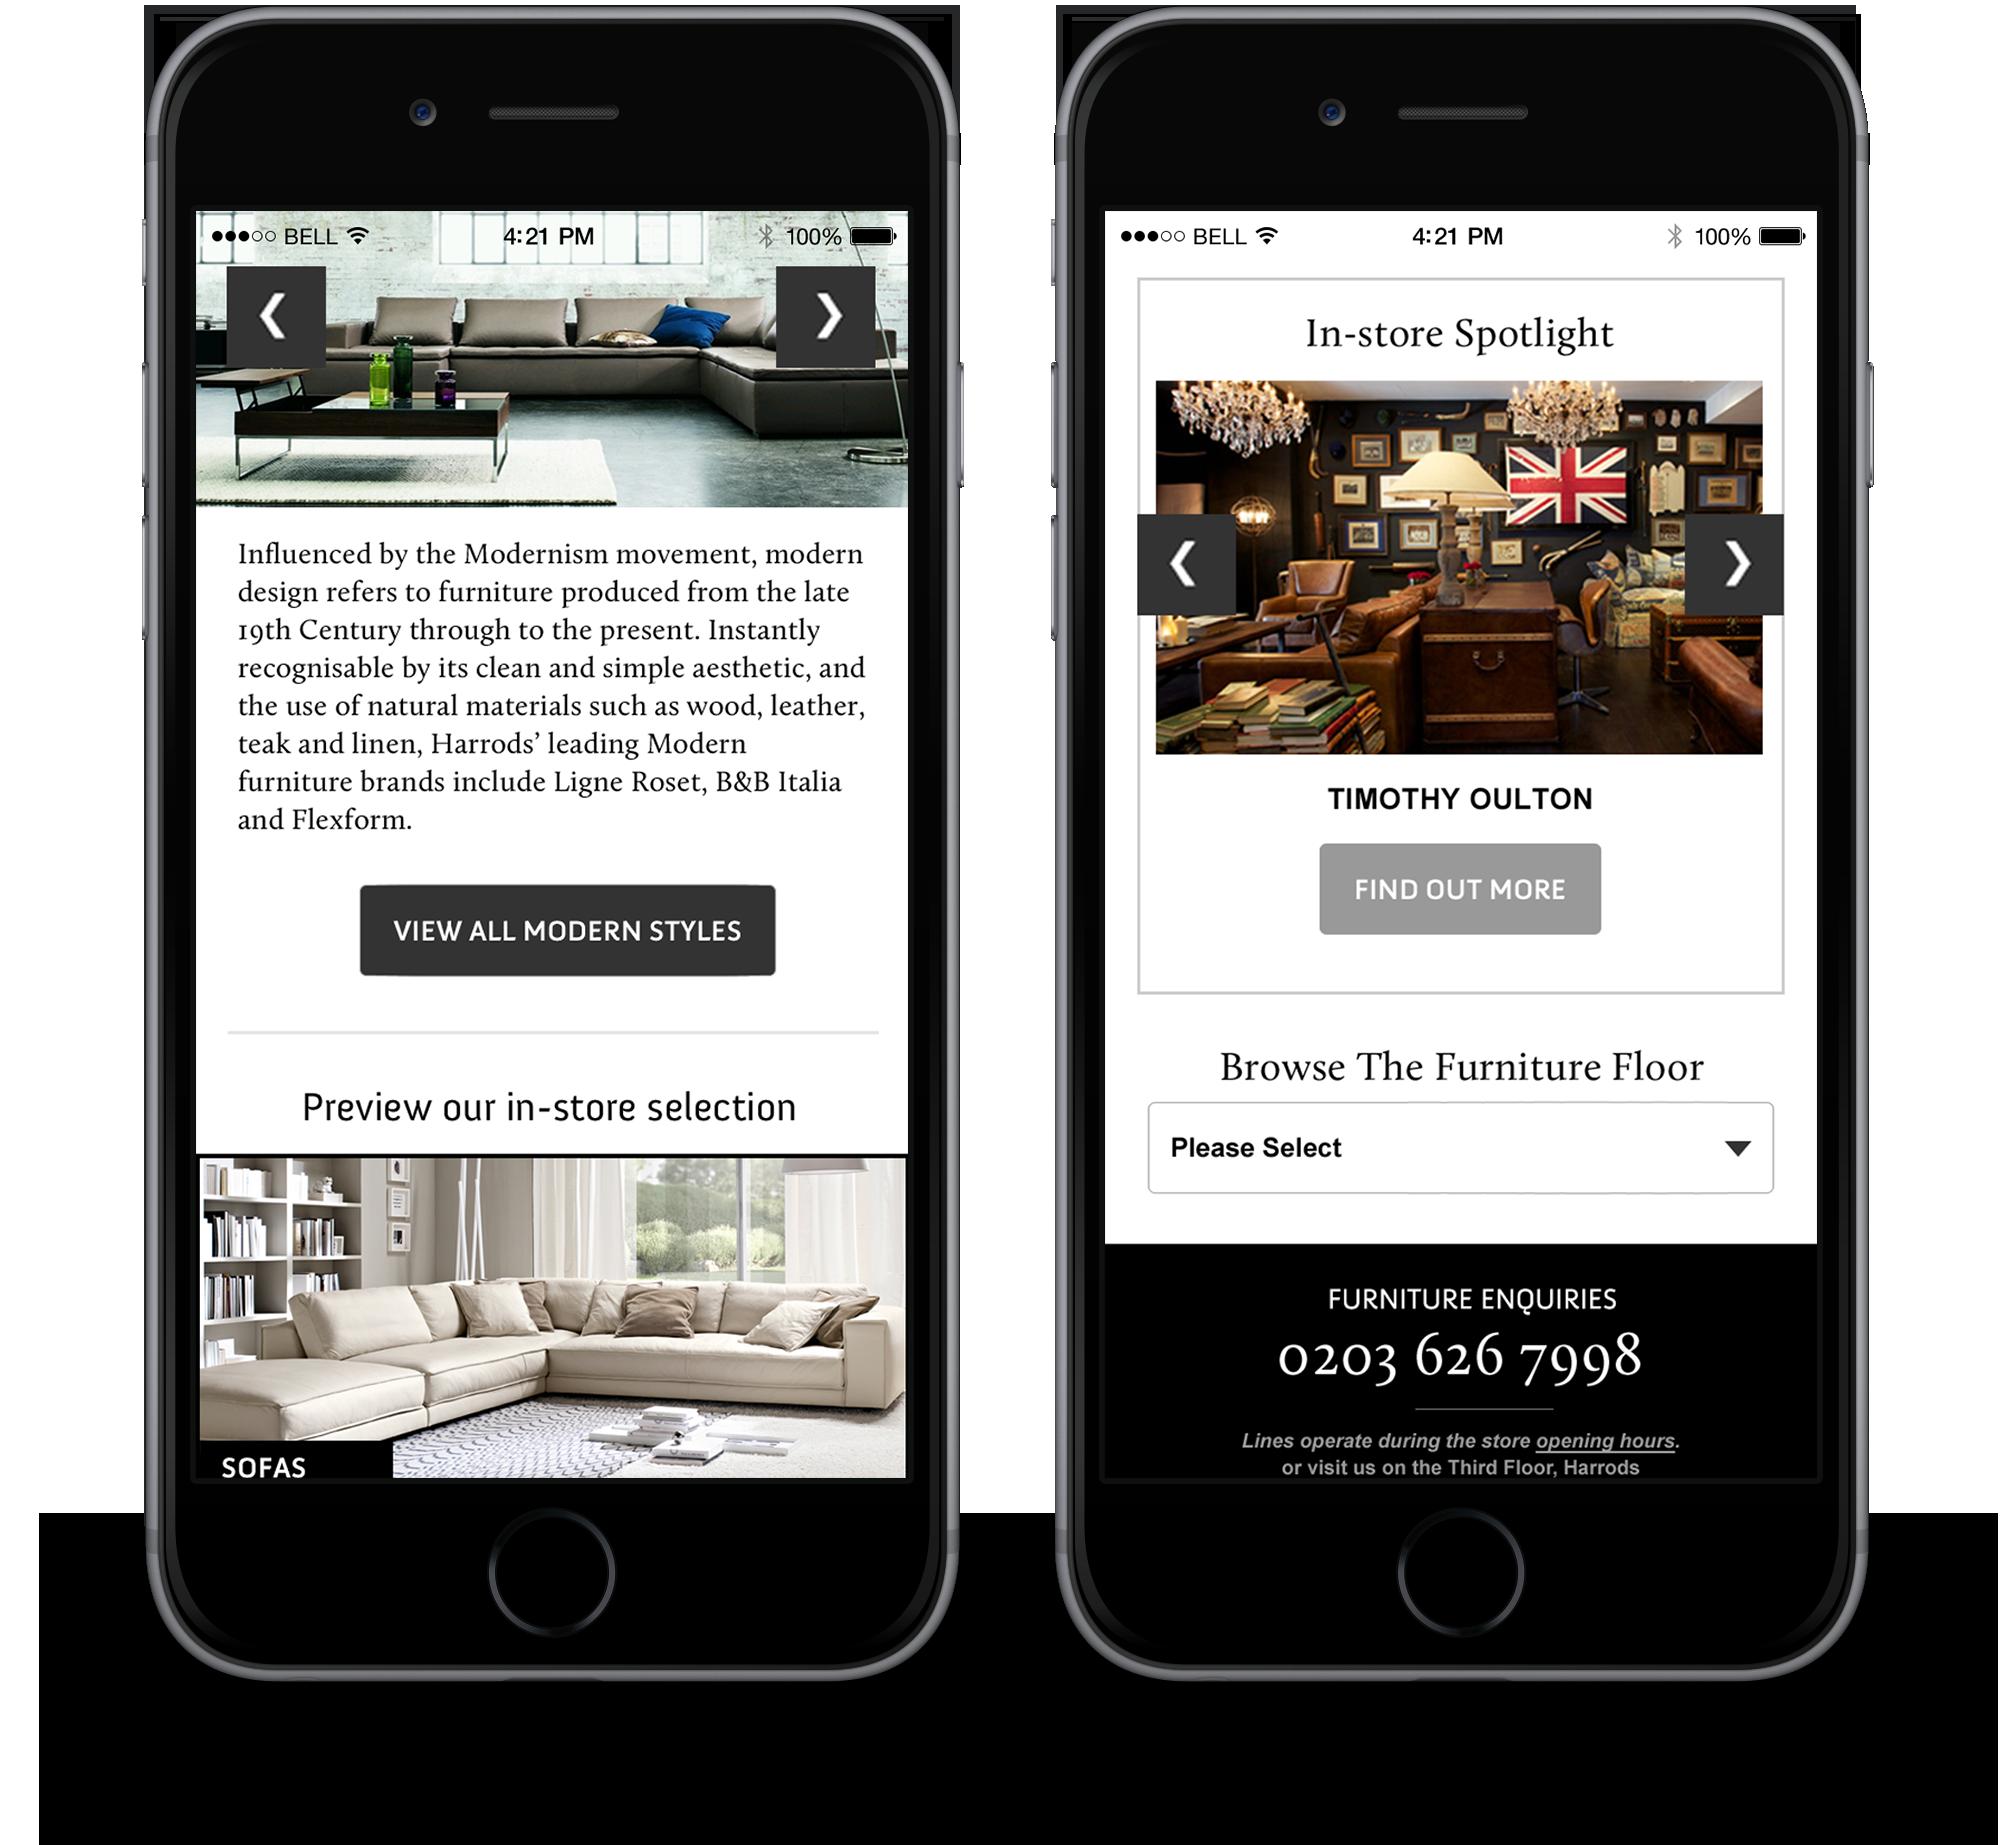 harrods hawaii design. Black Bedroom Furniture Sets. Home Design Ideas